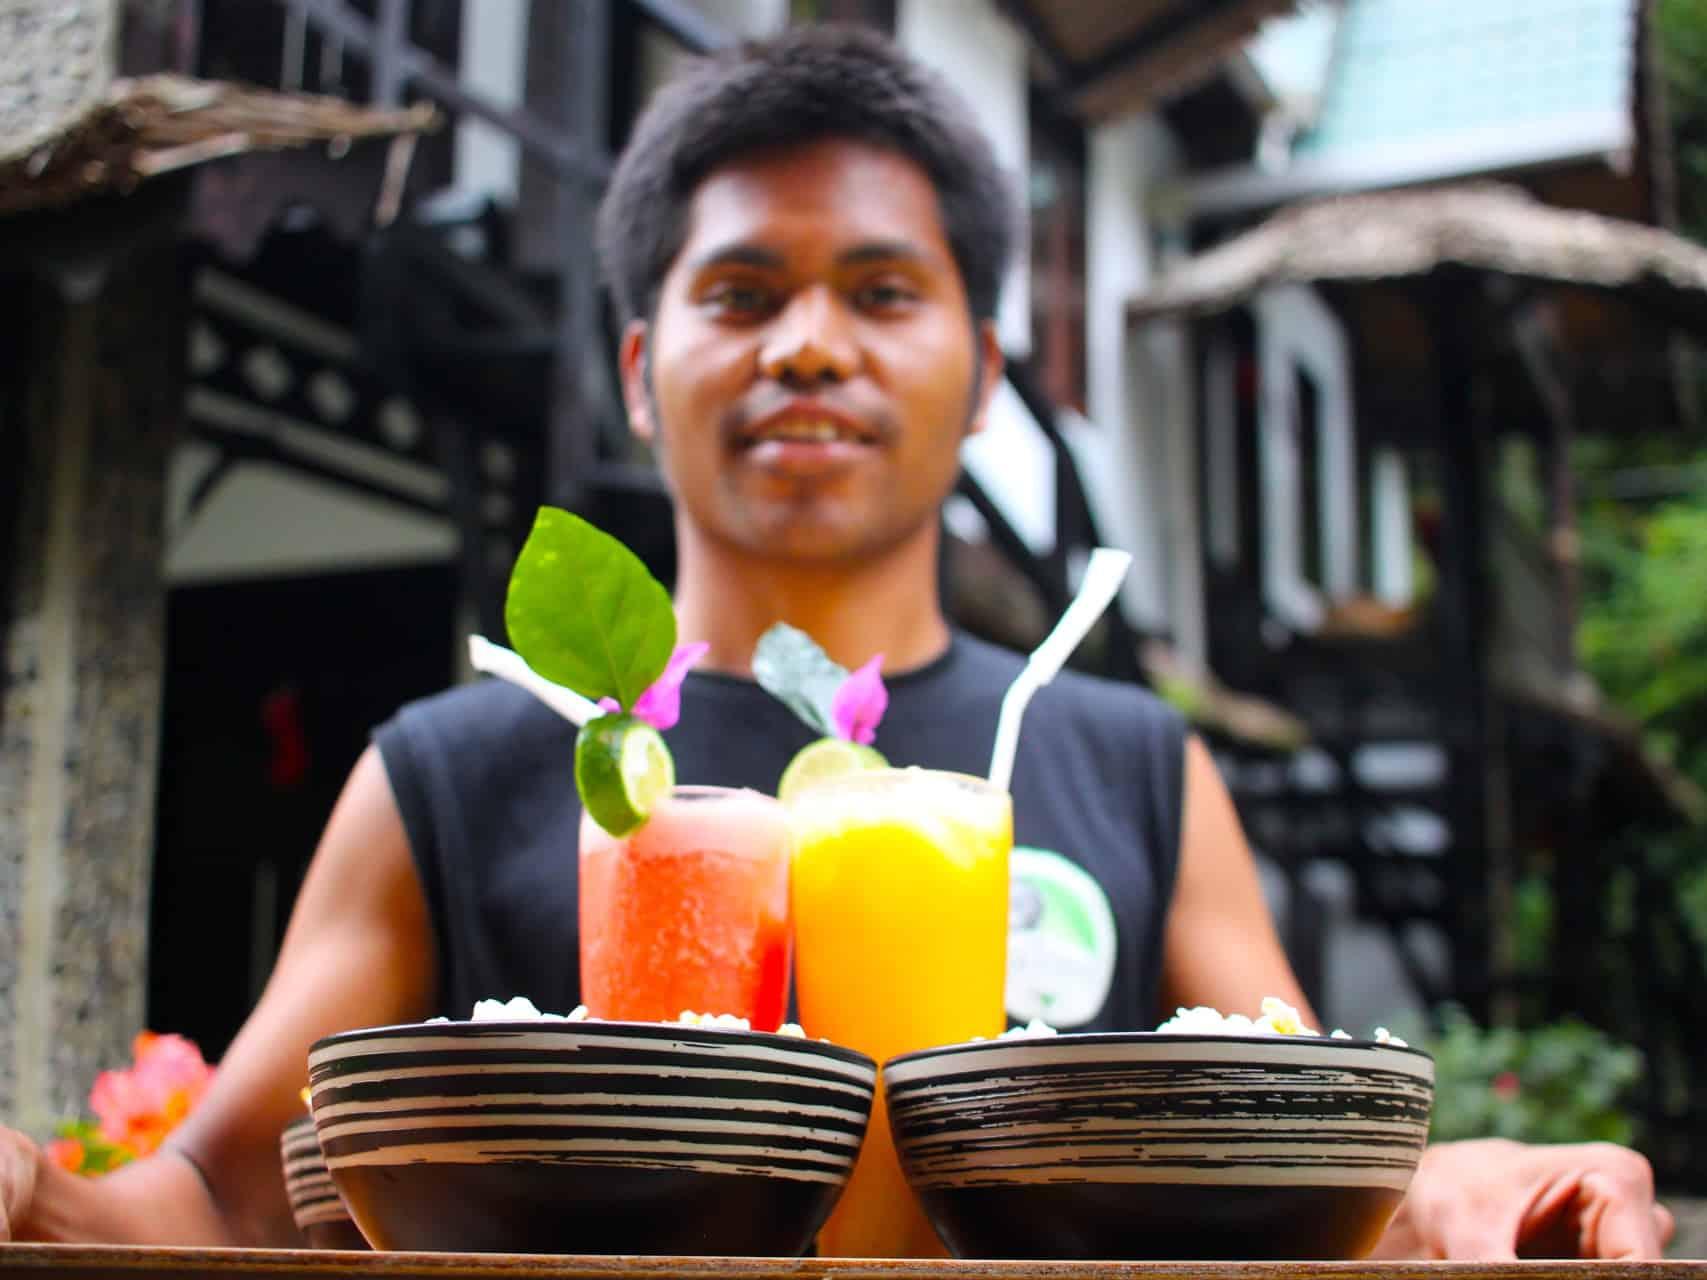 POPCORN AND FRUIT JUICE AT ECOTRAVEL COTTAGES BUKIT LAWANG - SUMATRA ECOTRAVEL